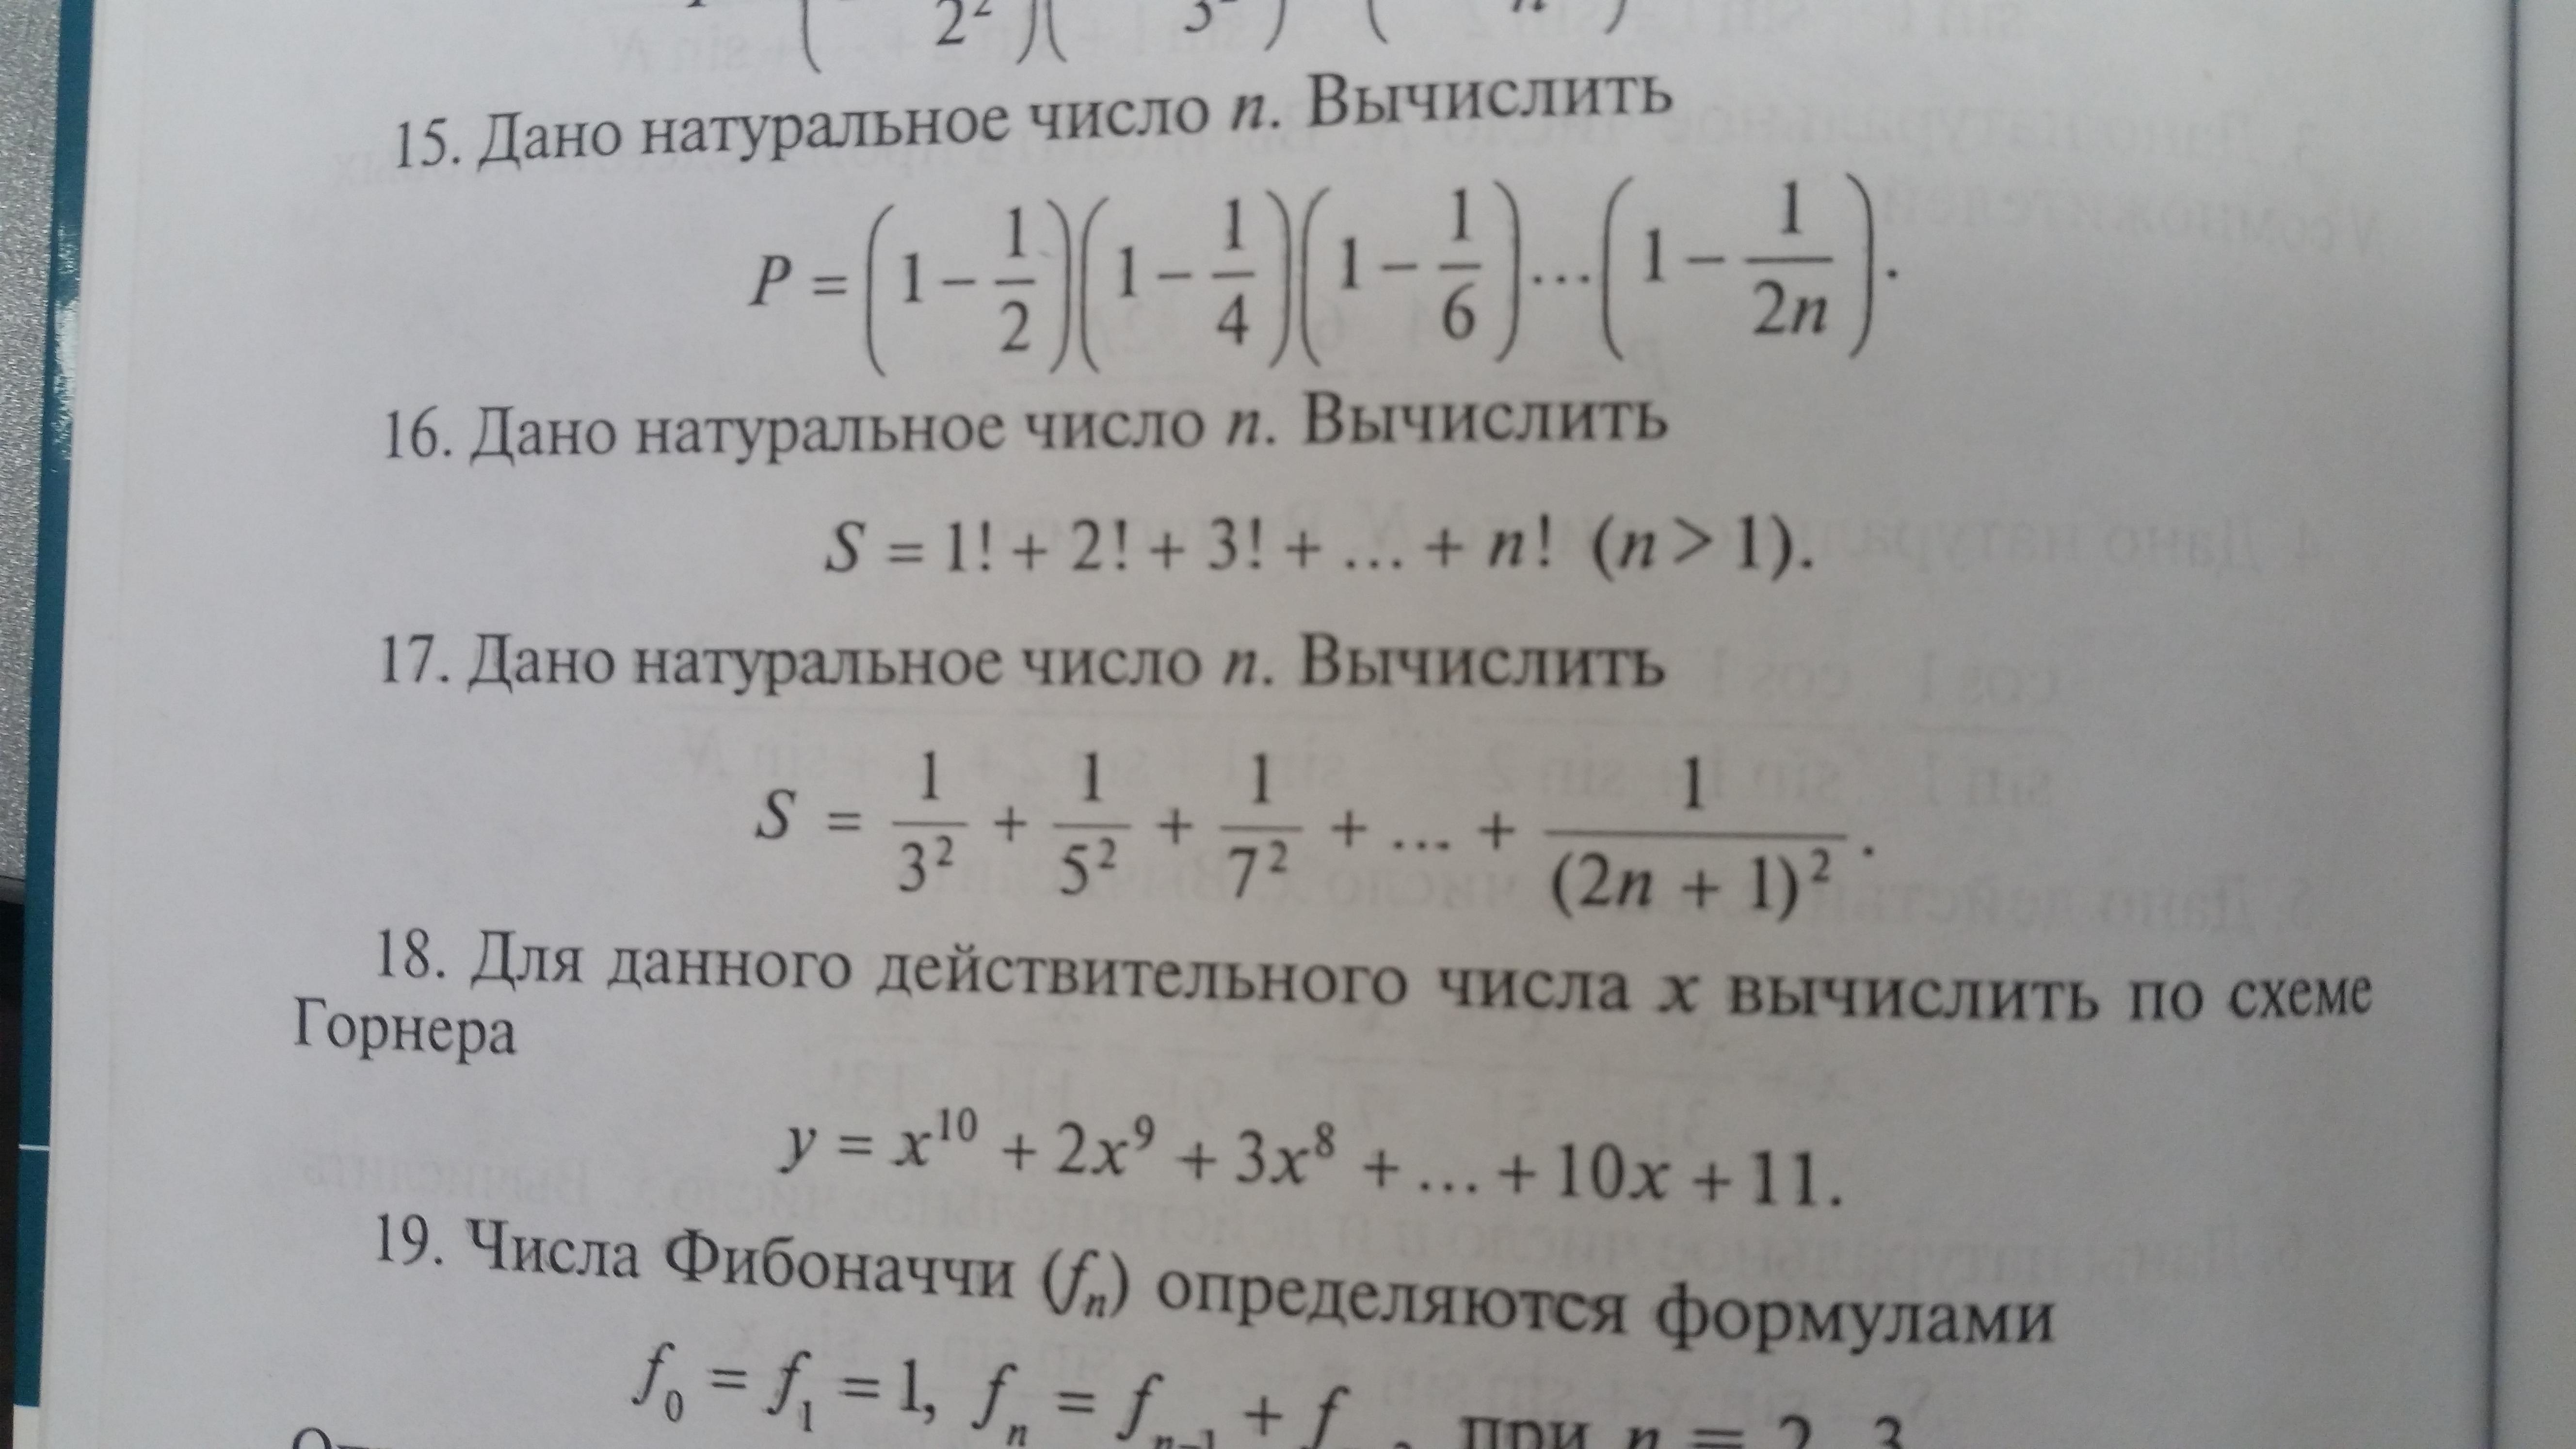 Паскаль даны действительное число а натуральное число n вычислить